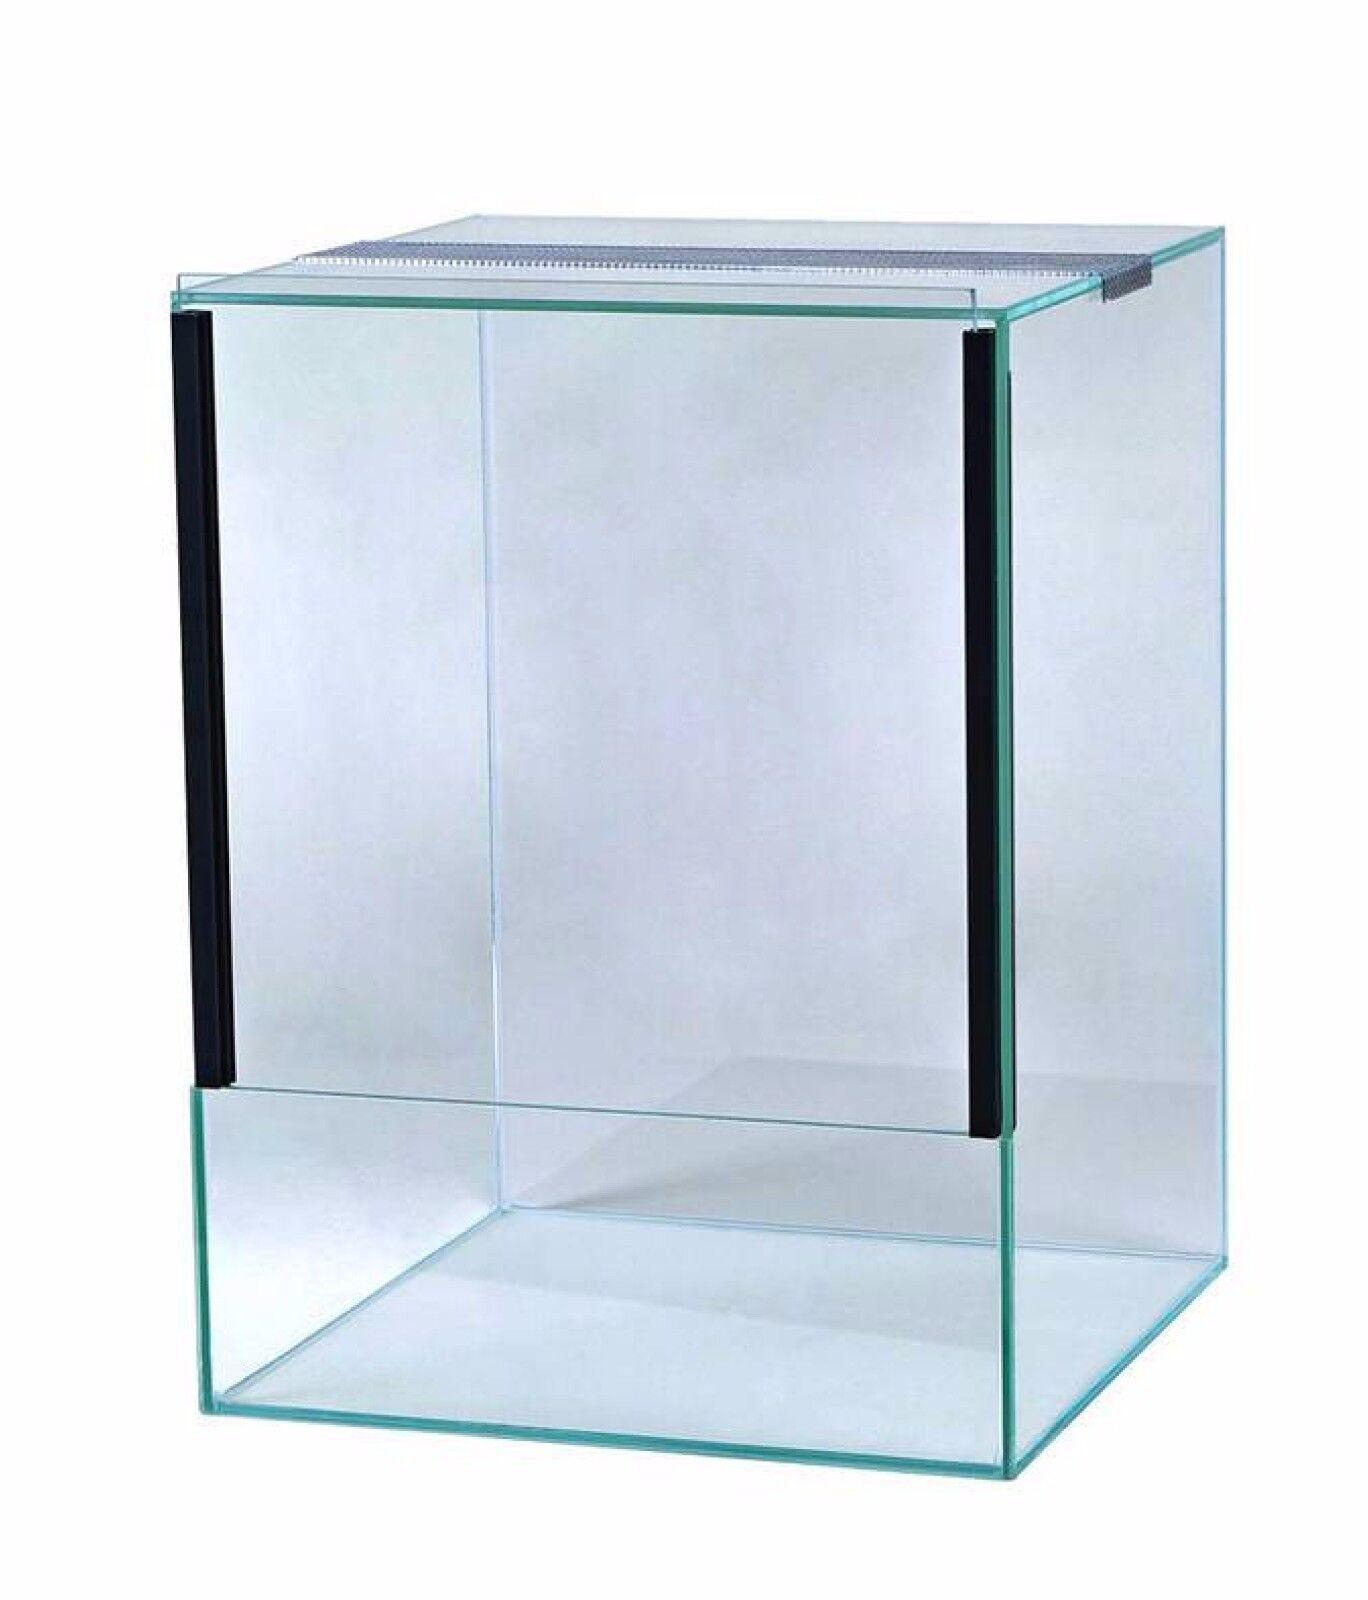 Glas Terrarium Schiebetür Falltür Glasterrarium Reptilien Spinnen viele Größen 20x20x40 Falltür